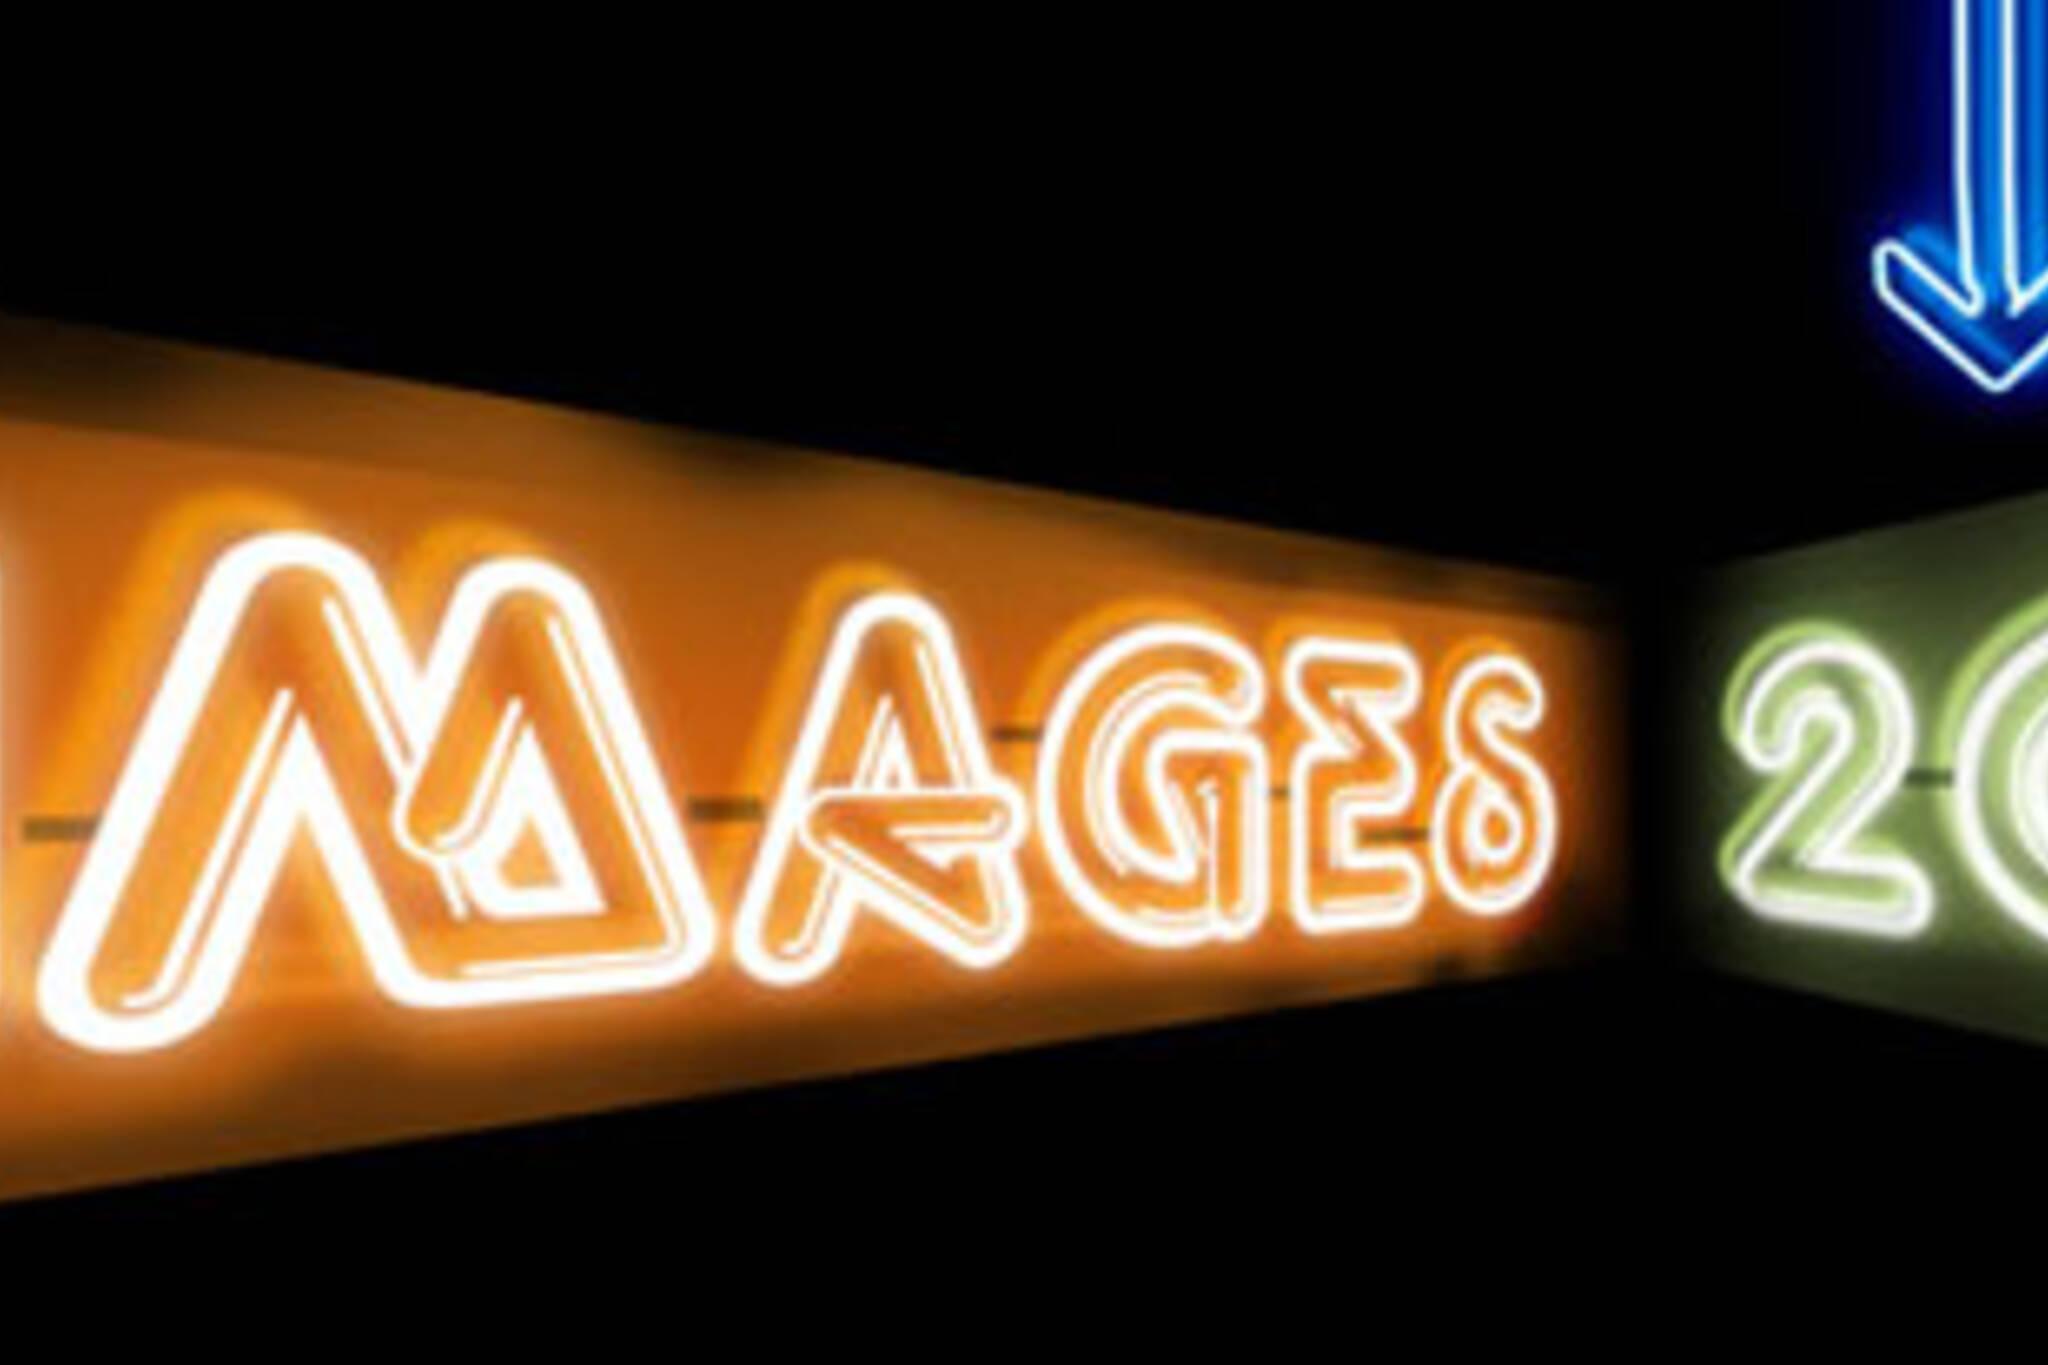 imagesfilmfest_031407.jpg